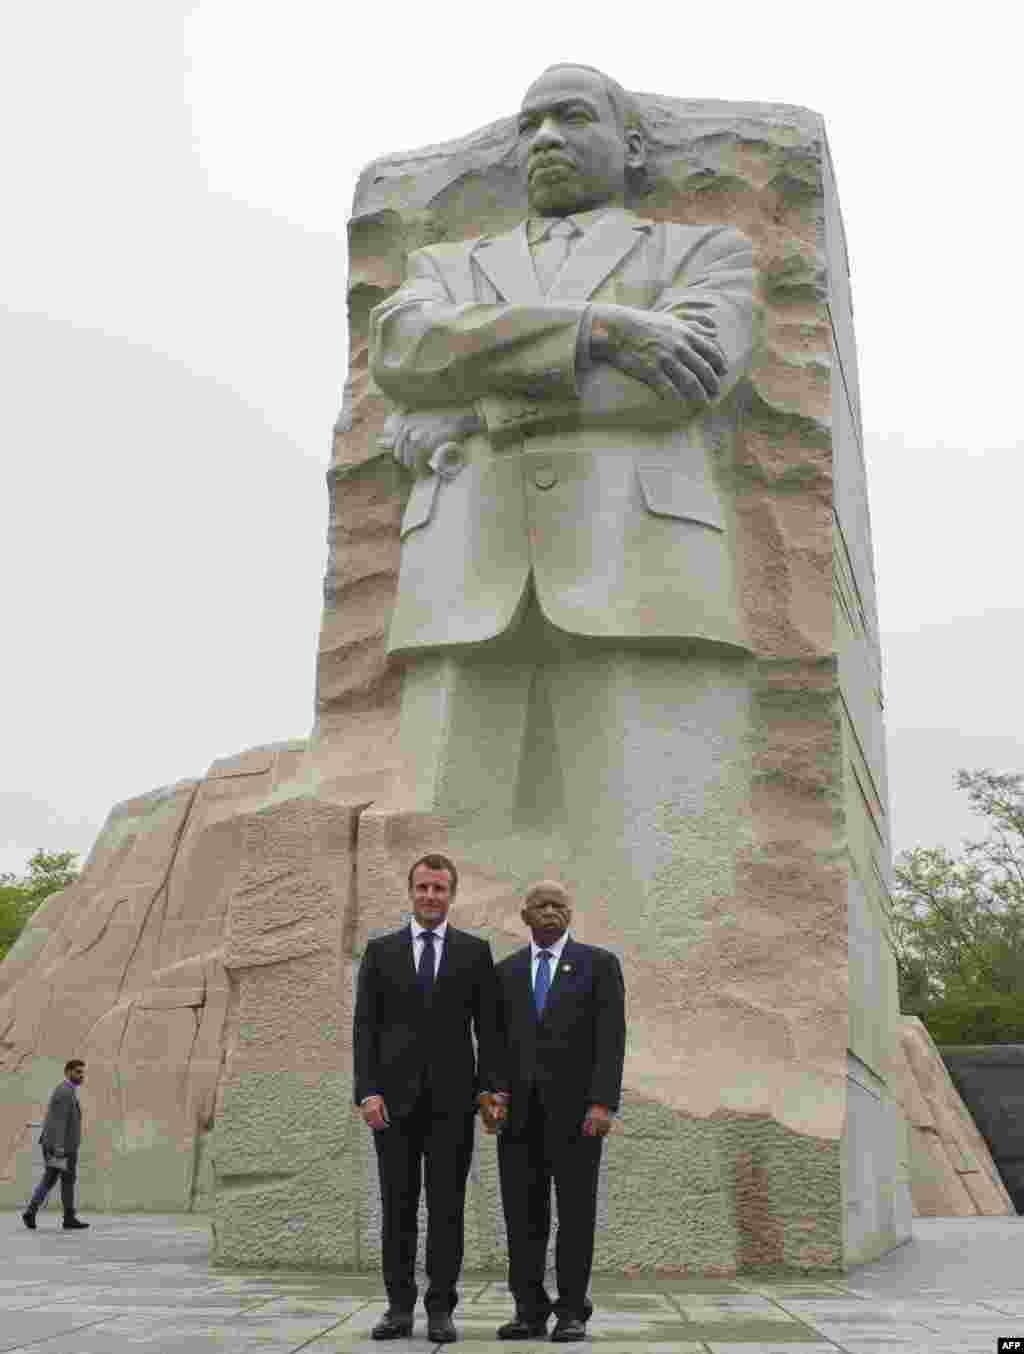 بازدید امانوئل ماکرون، رئیس جمهوری فرانسه به همراه «جان لوئیس» از فعالان حقوق مدنی آمریکا از بنای یادبود مارتین لوتر کینگ در واشنگتن دی سی